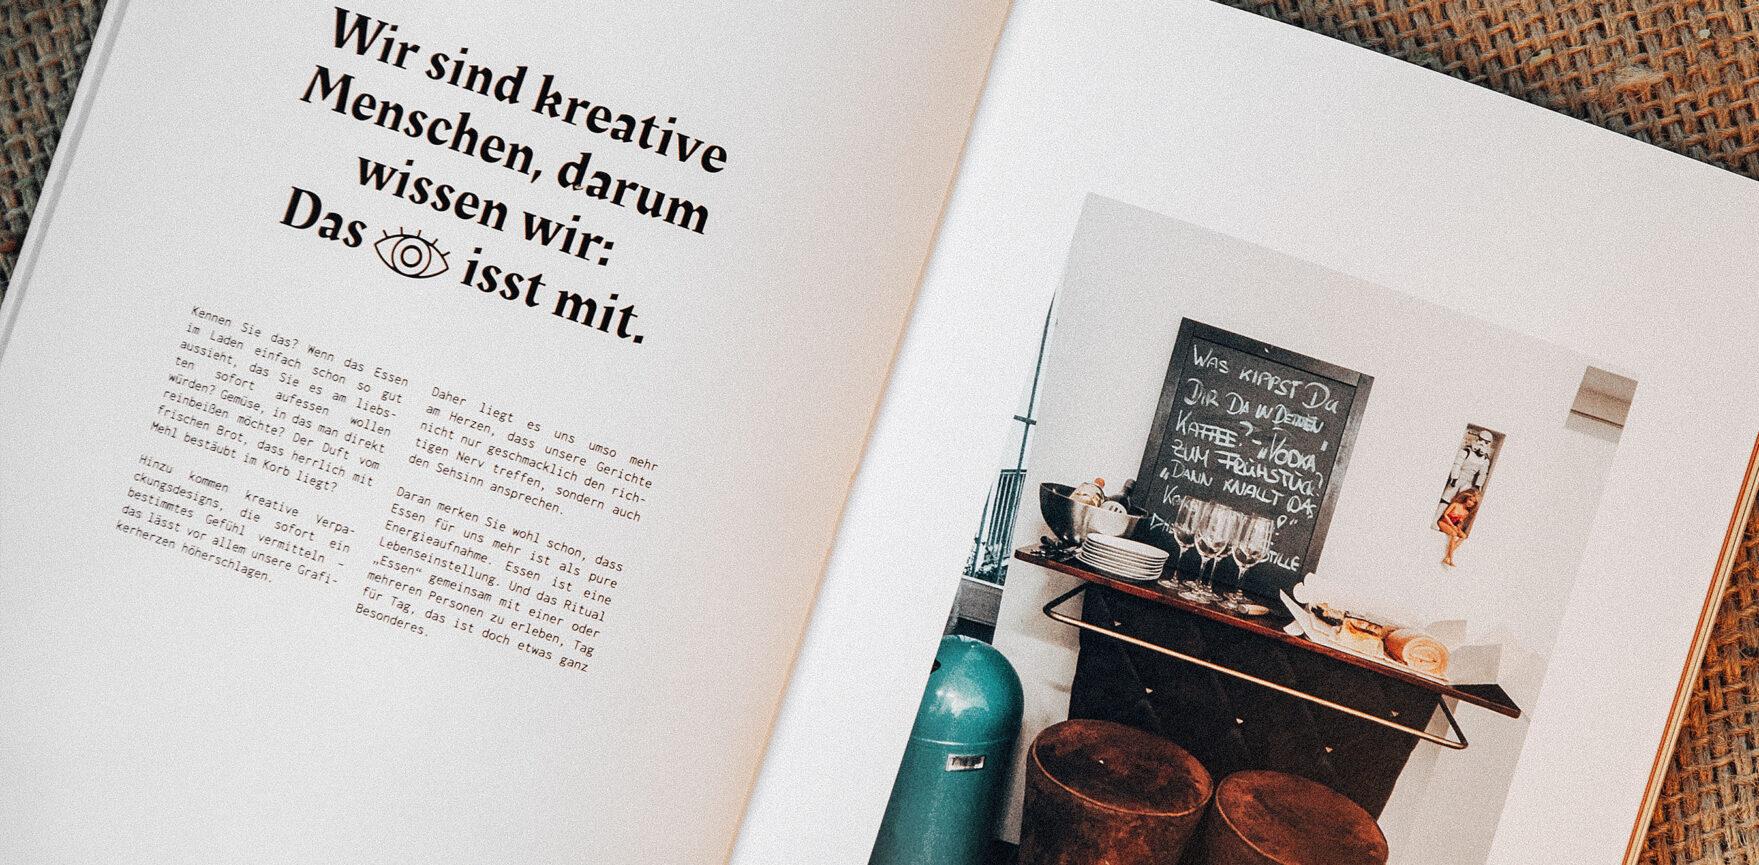 Weder & Noch Kochbuch Editorial